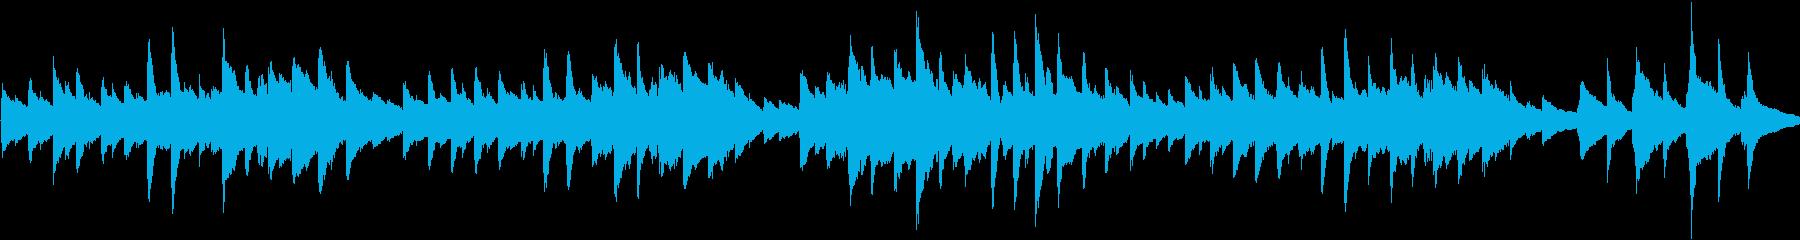 童謡「春の小川」ループ仕様ピアノソロの再生済みの波形